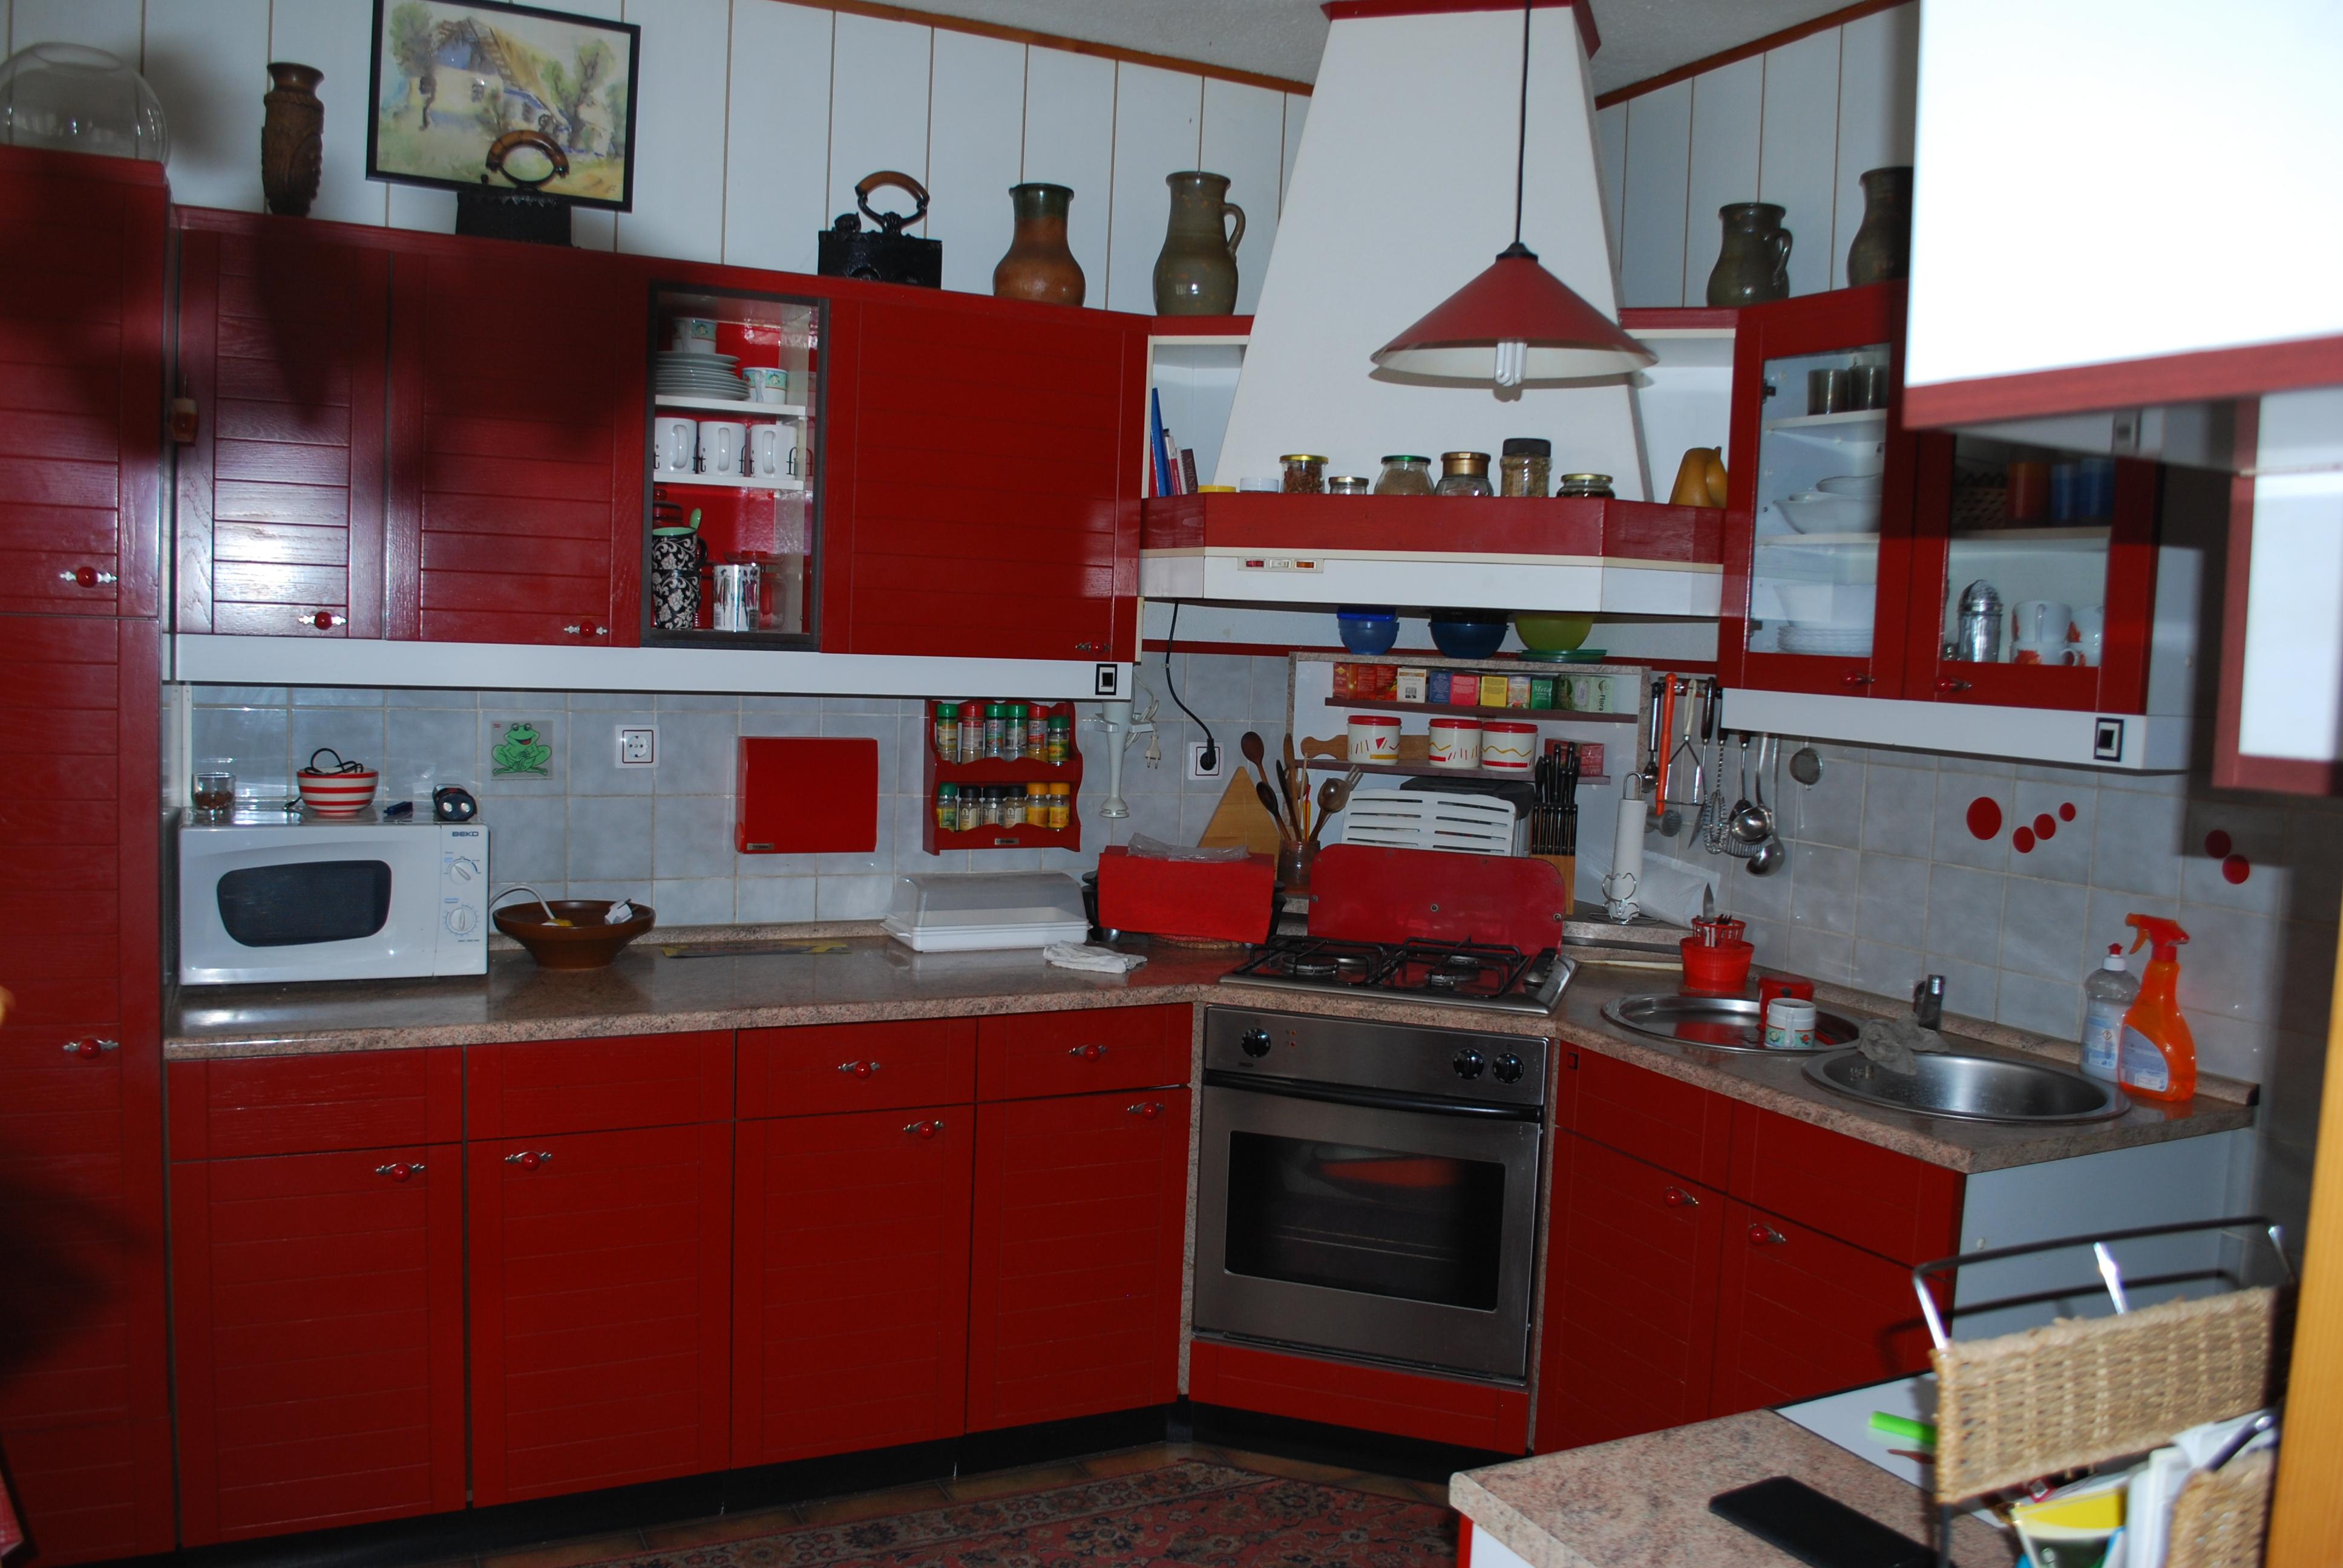 4-sobno stanovanje v Ormožu